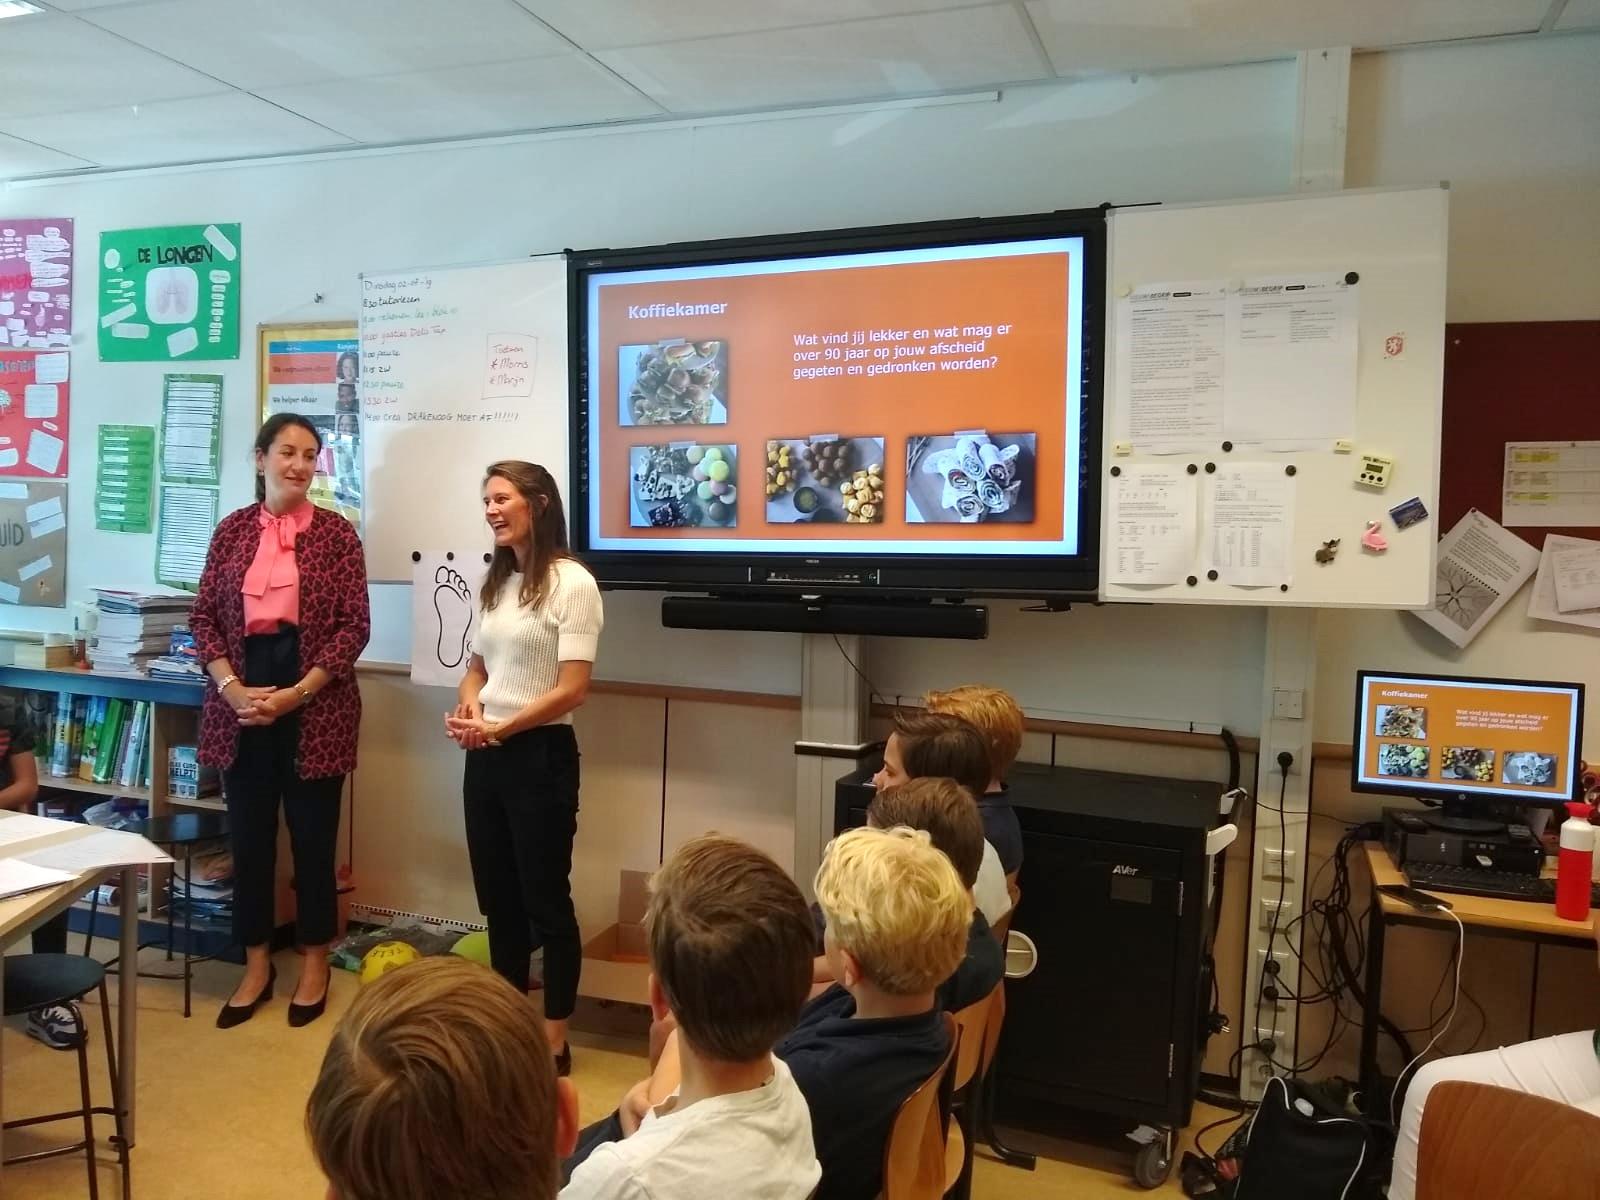 Tap DELA verzorgde een gastles over Afscheid aan groep 8 van de Julianaschool.